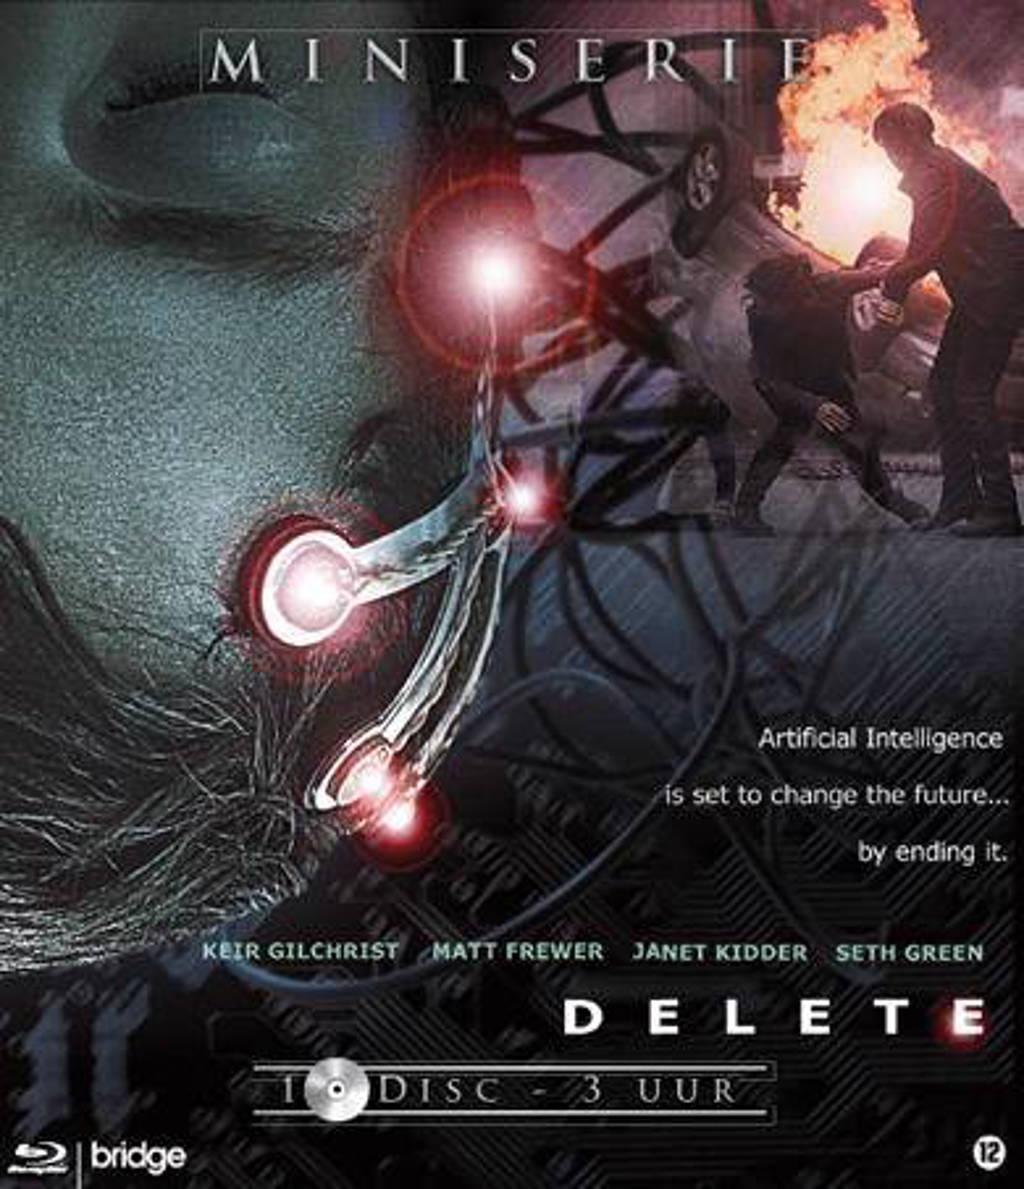 Delete (Blu-ray)